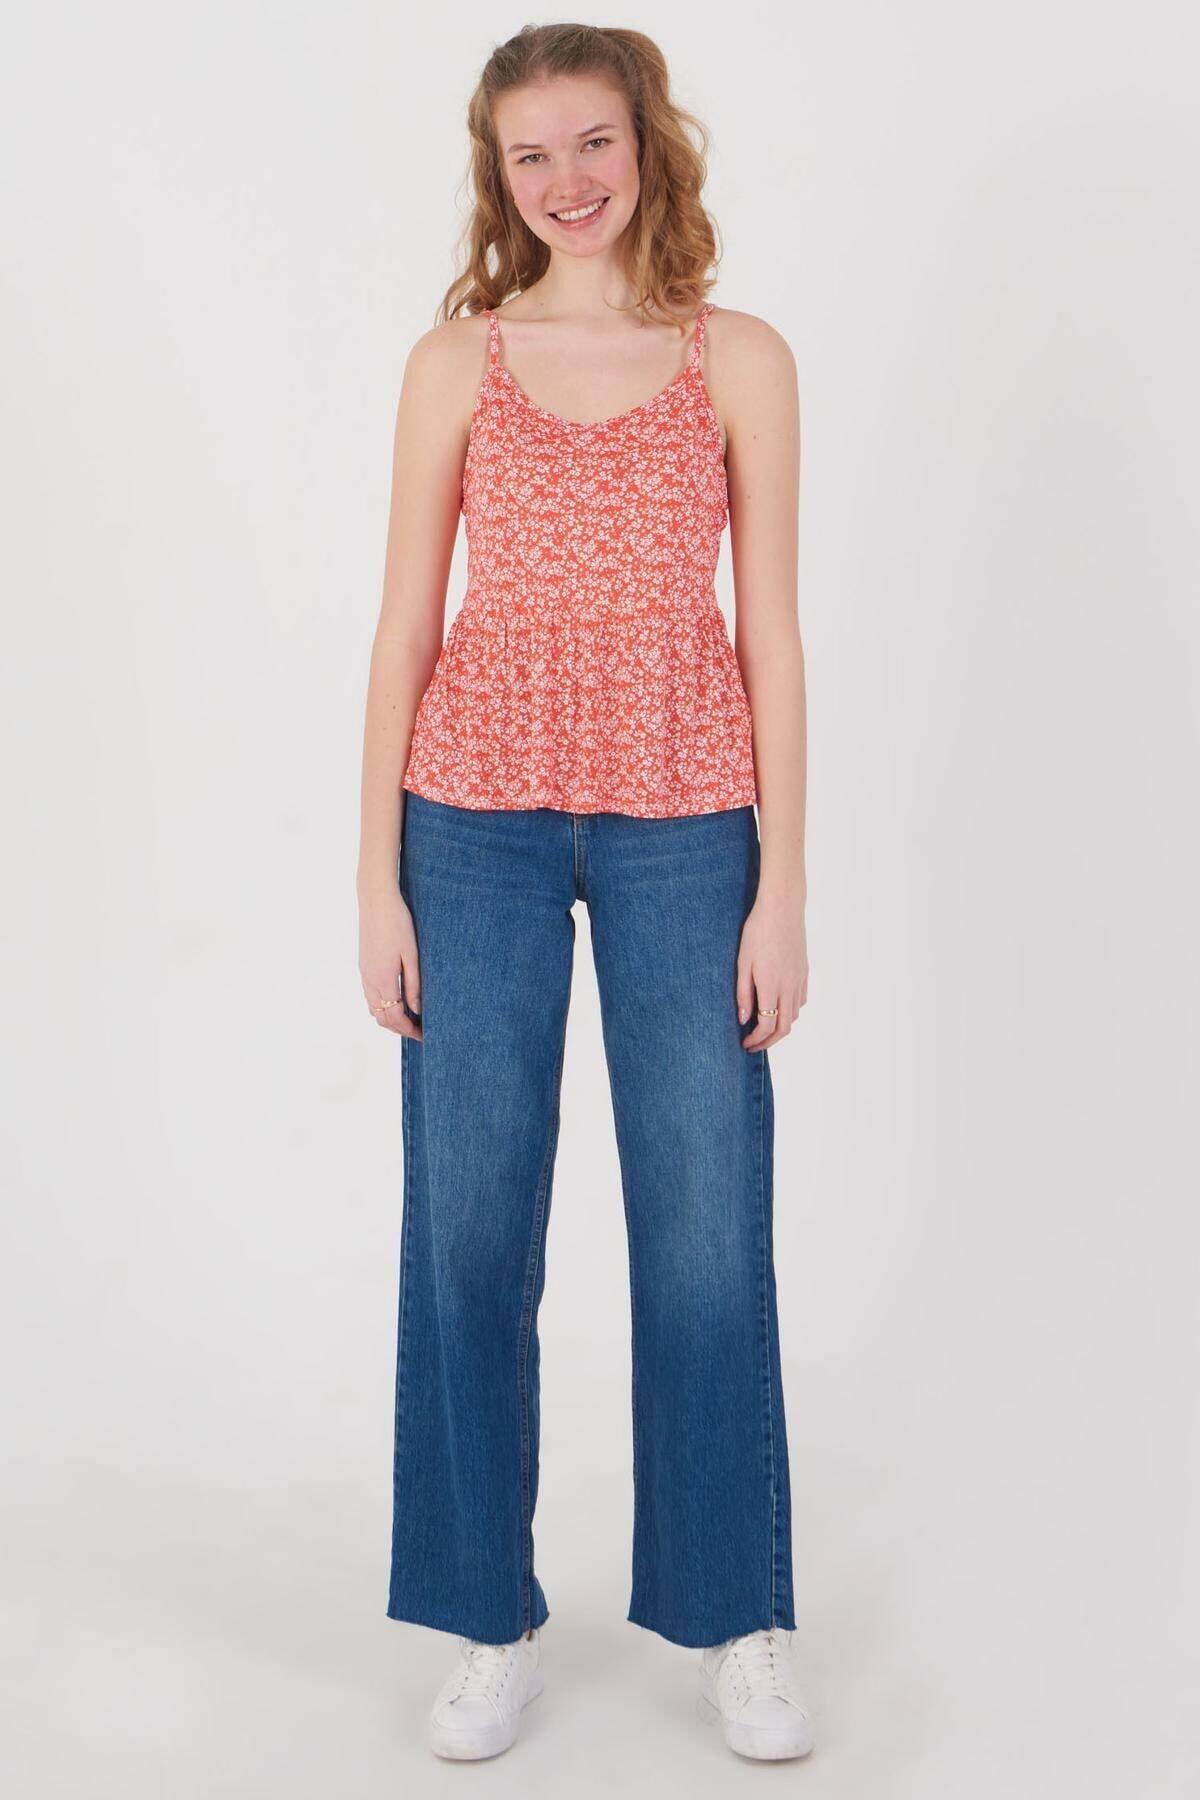 Addax Kadın Kırmızı Çiçek Desenli Bluz Çiç B12242 Adx-0000023925 2